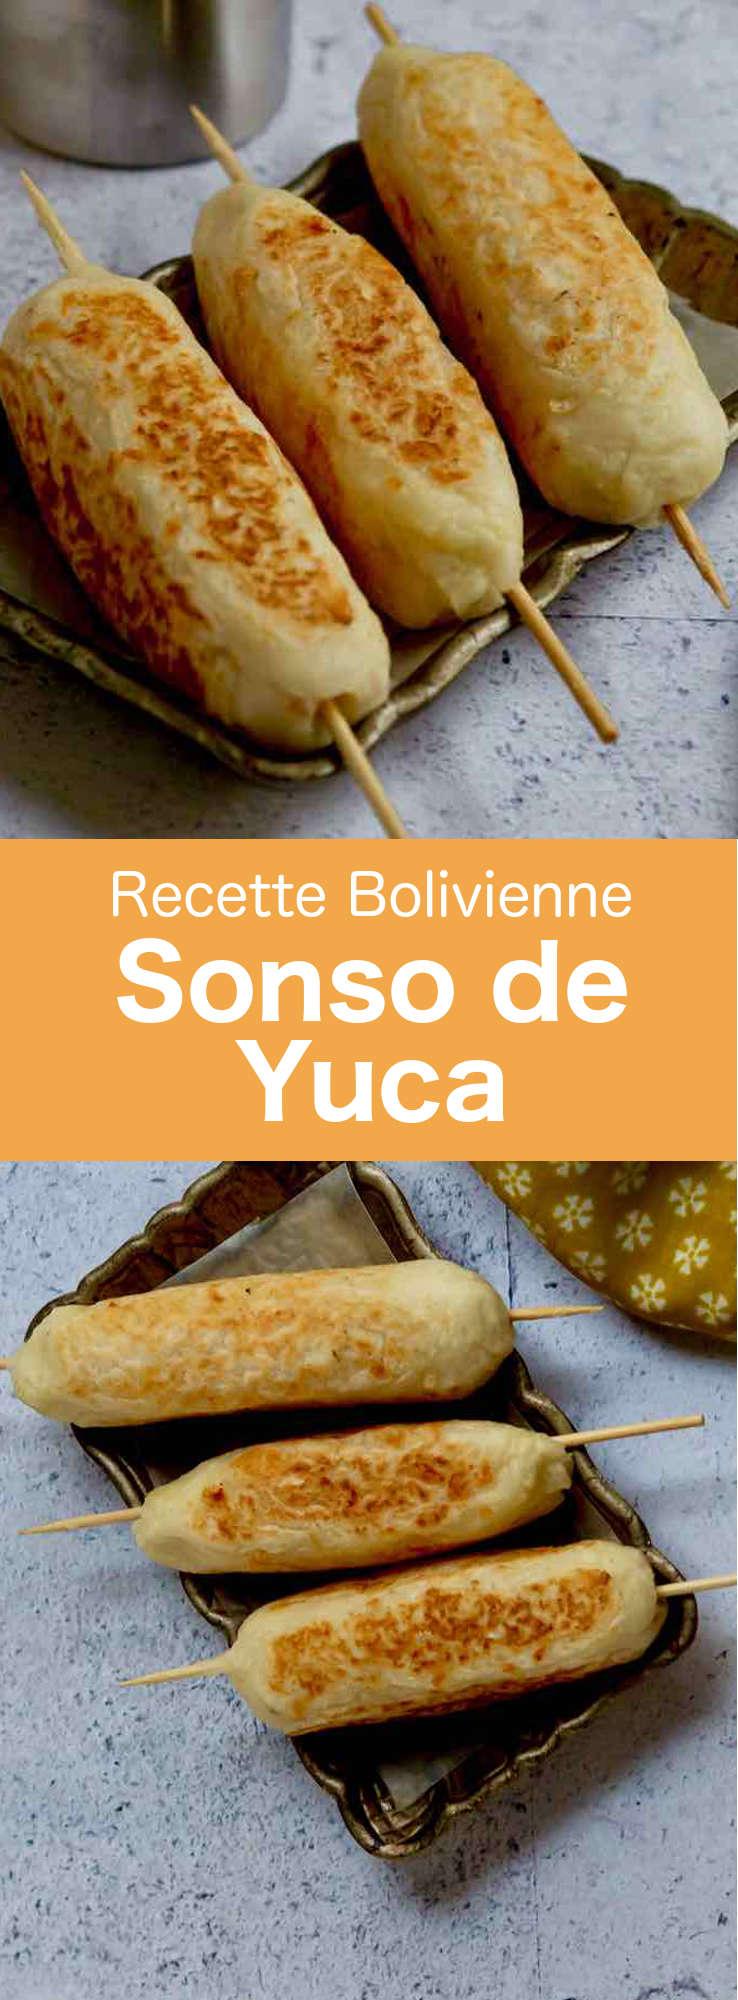 Le sonso de yuca est un mets populaire bolivien à base de purée de manioc et fromage râpé fixé autour d'une brochette, qui est grillé, cuit au four, ou frit. #Bolivie #RecetteBolivienne #CuisineBolivienne #CuisineDuMonde #196flavors